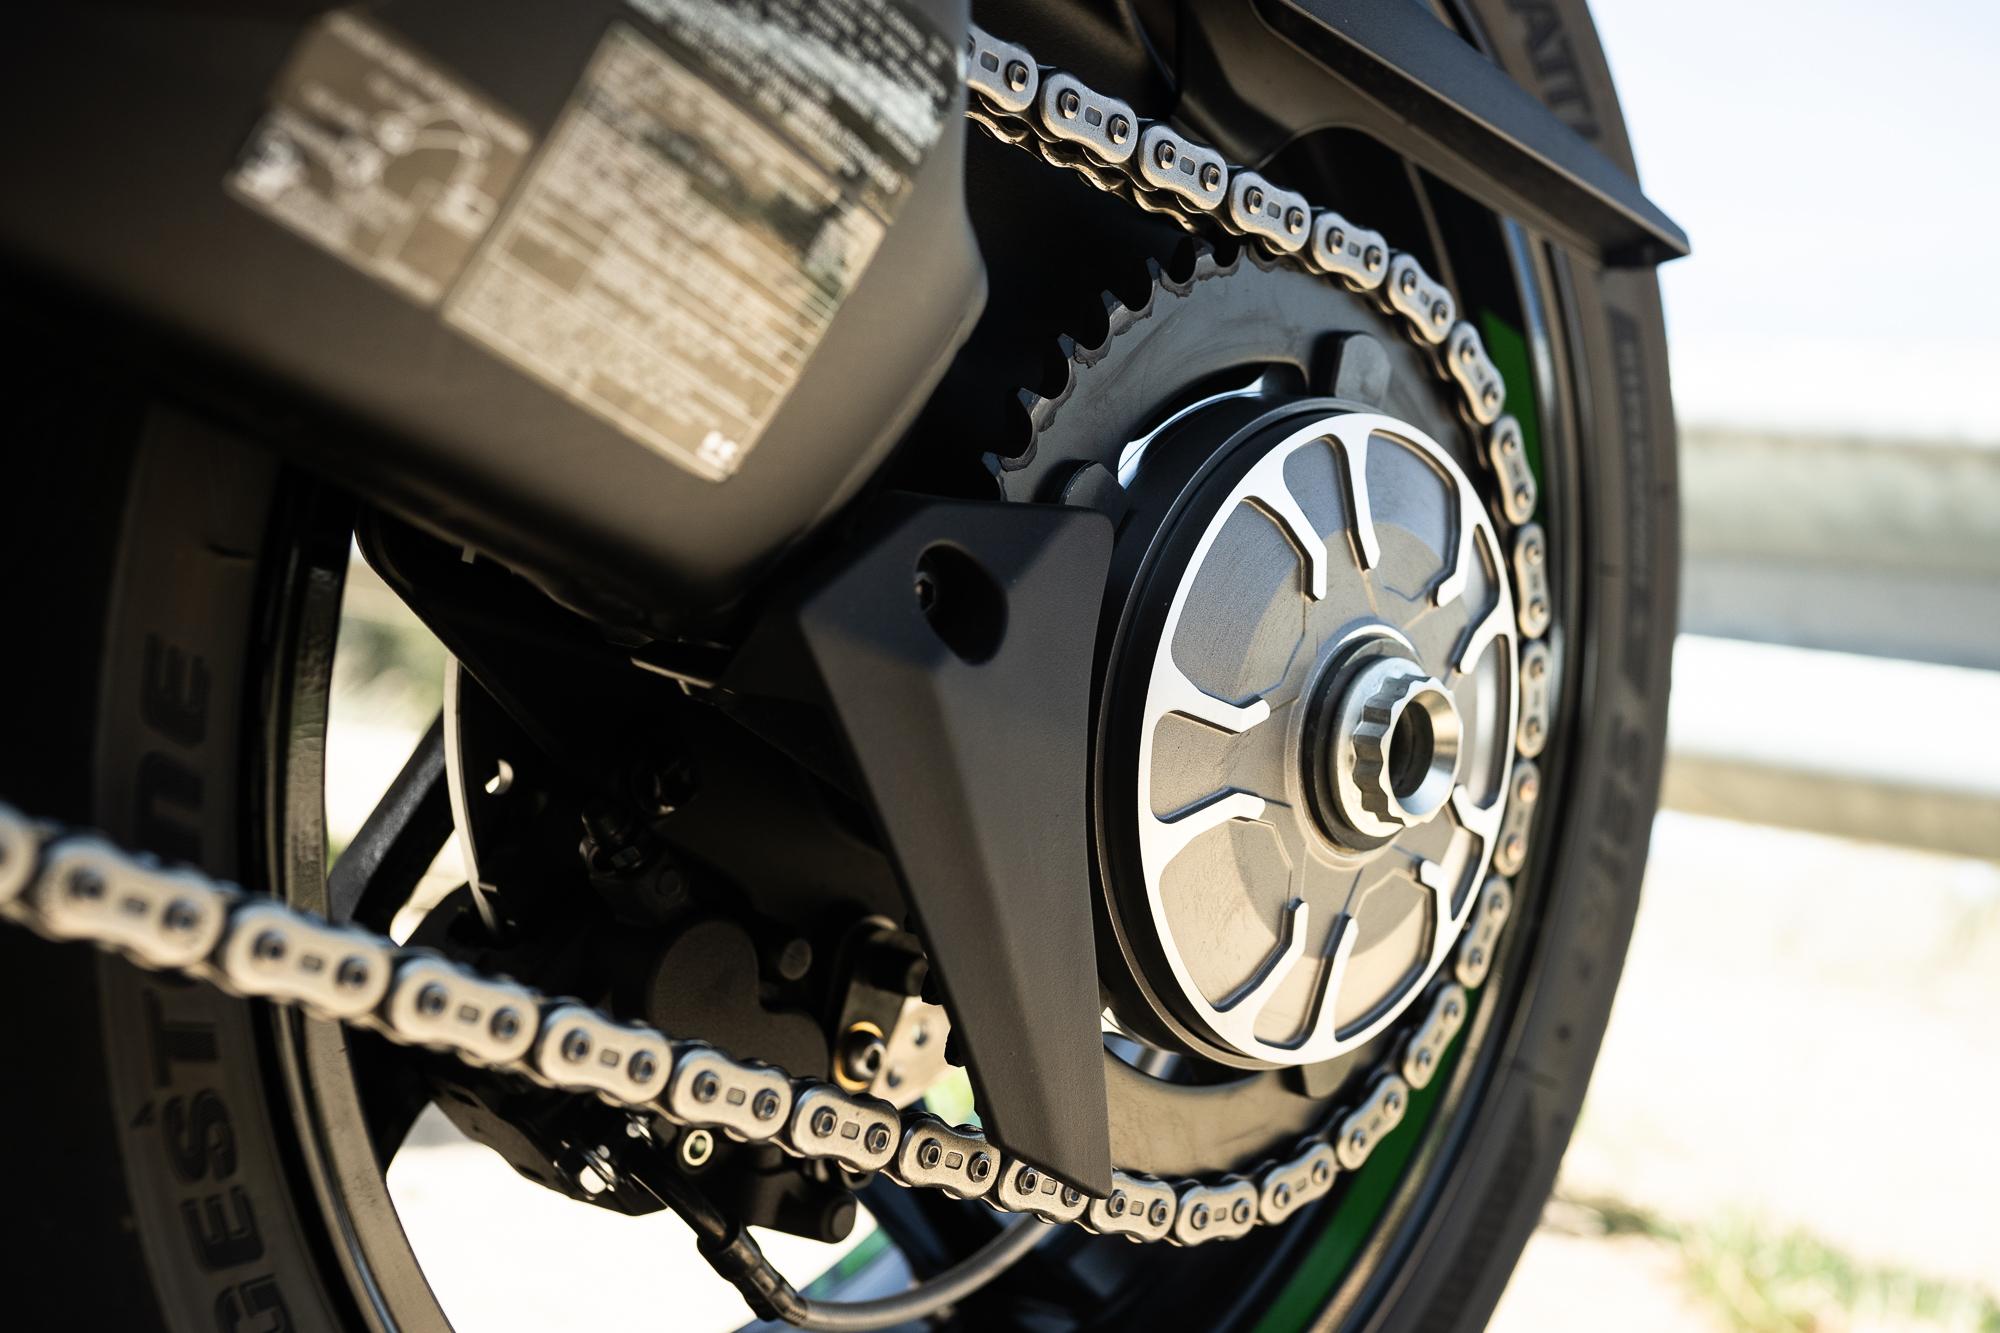 2021 Kawasaki H2 SX-SE rear sprocket chain